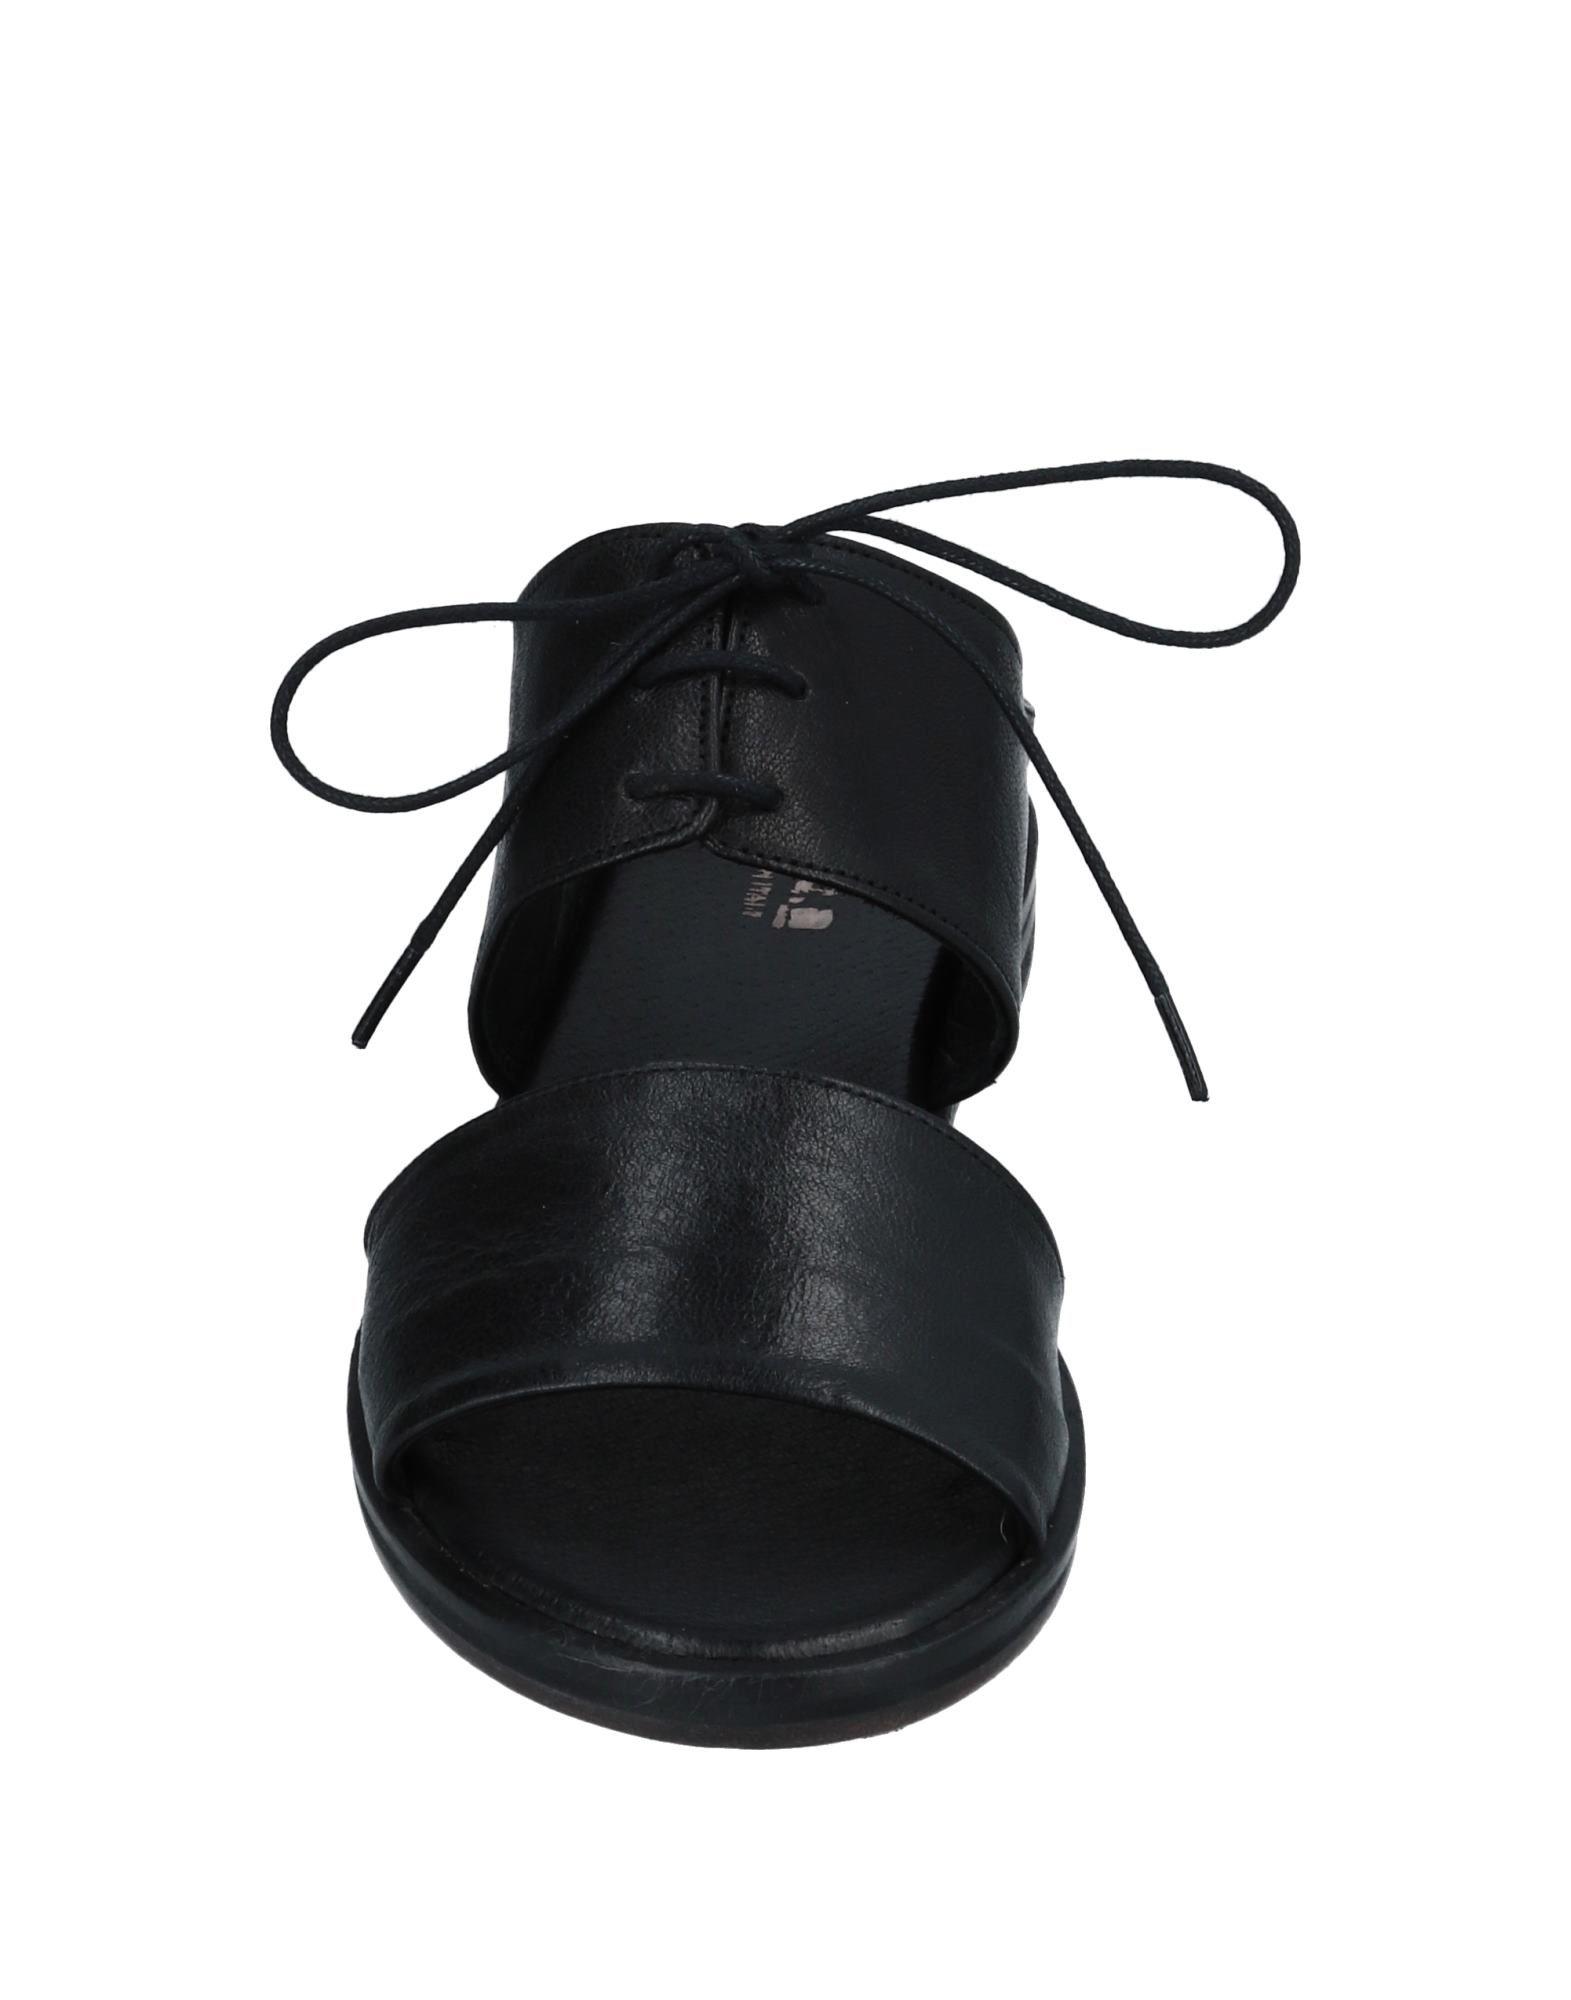 Gut um Sandalen billige Schuhe zu tragen1725.A Sandalen um Damen 11565219TV e084e4